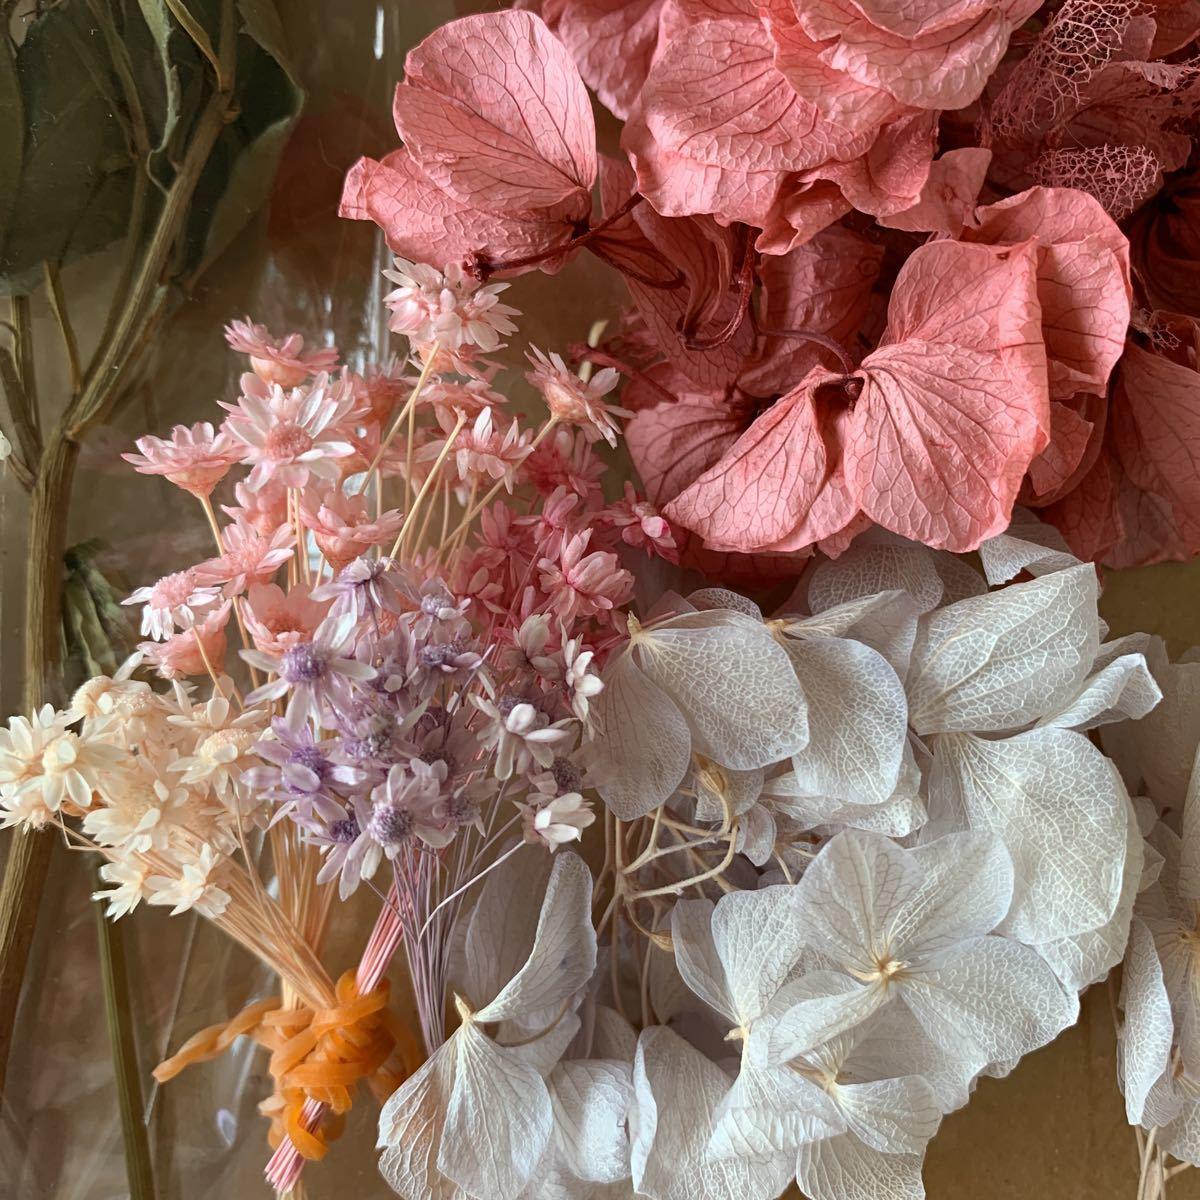 ハーバリウム花材 プリザーブドフラワー ドライフラワー ピンク系_画像5